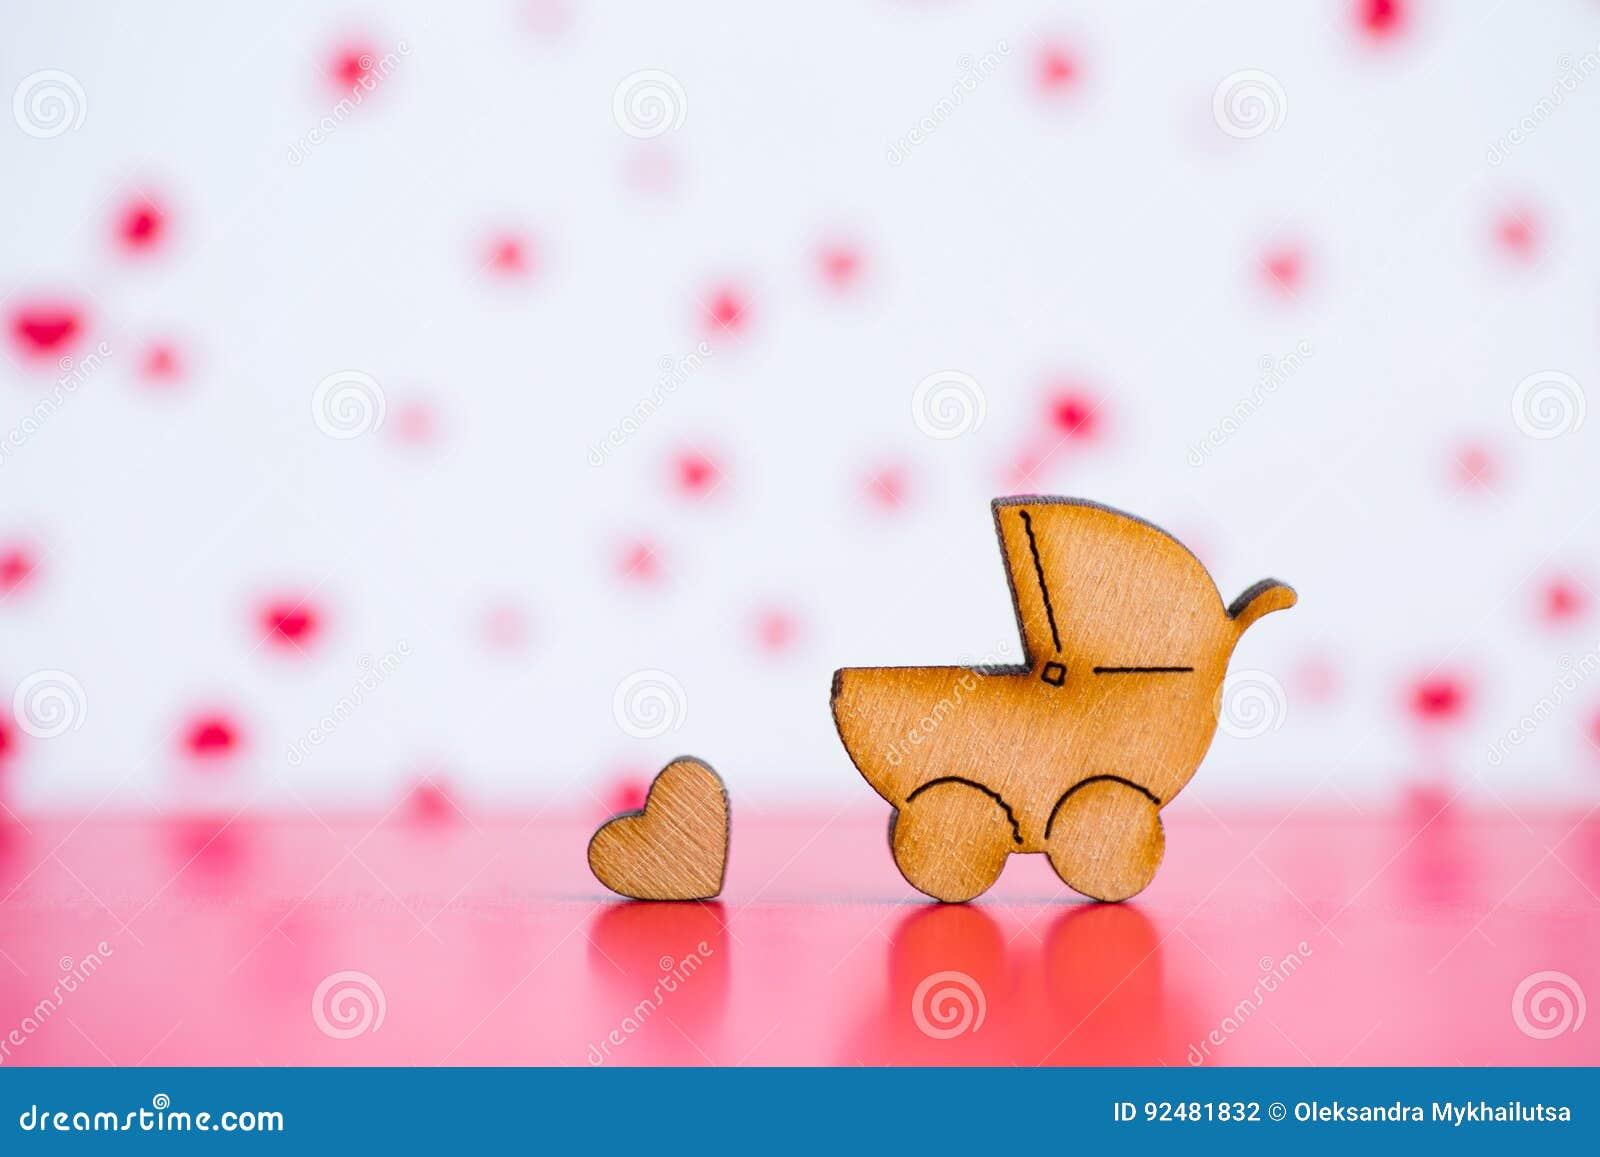 Drewniana ikona dziecko powozik i mały serce na bac różowym i białym